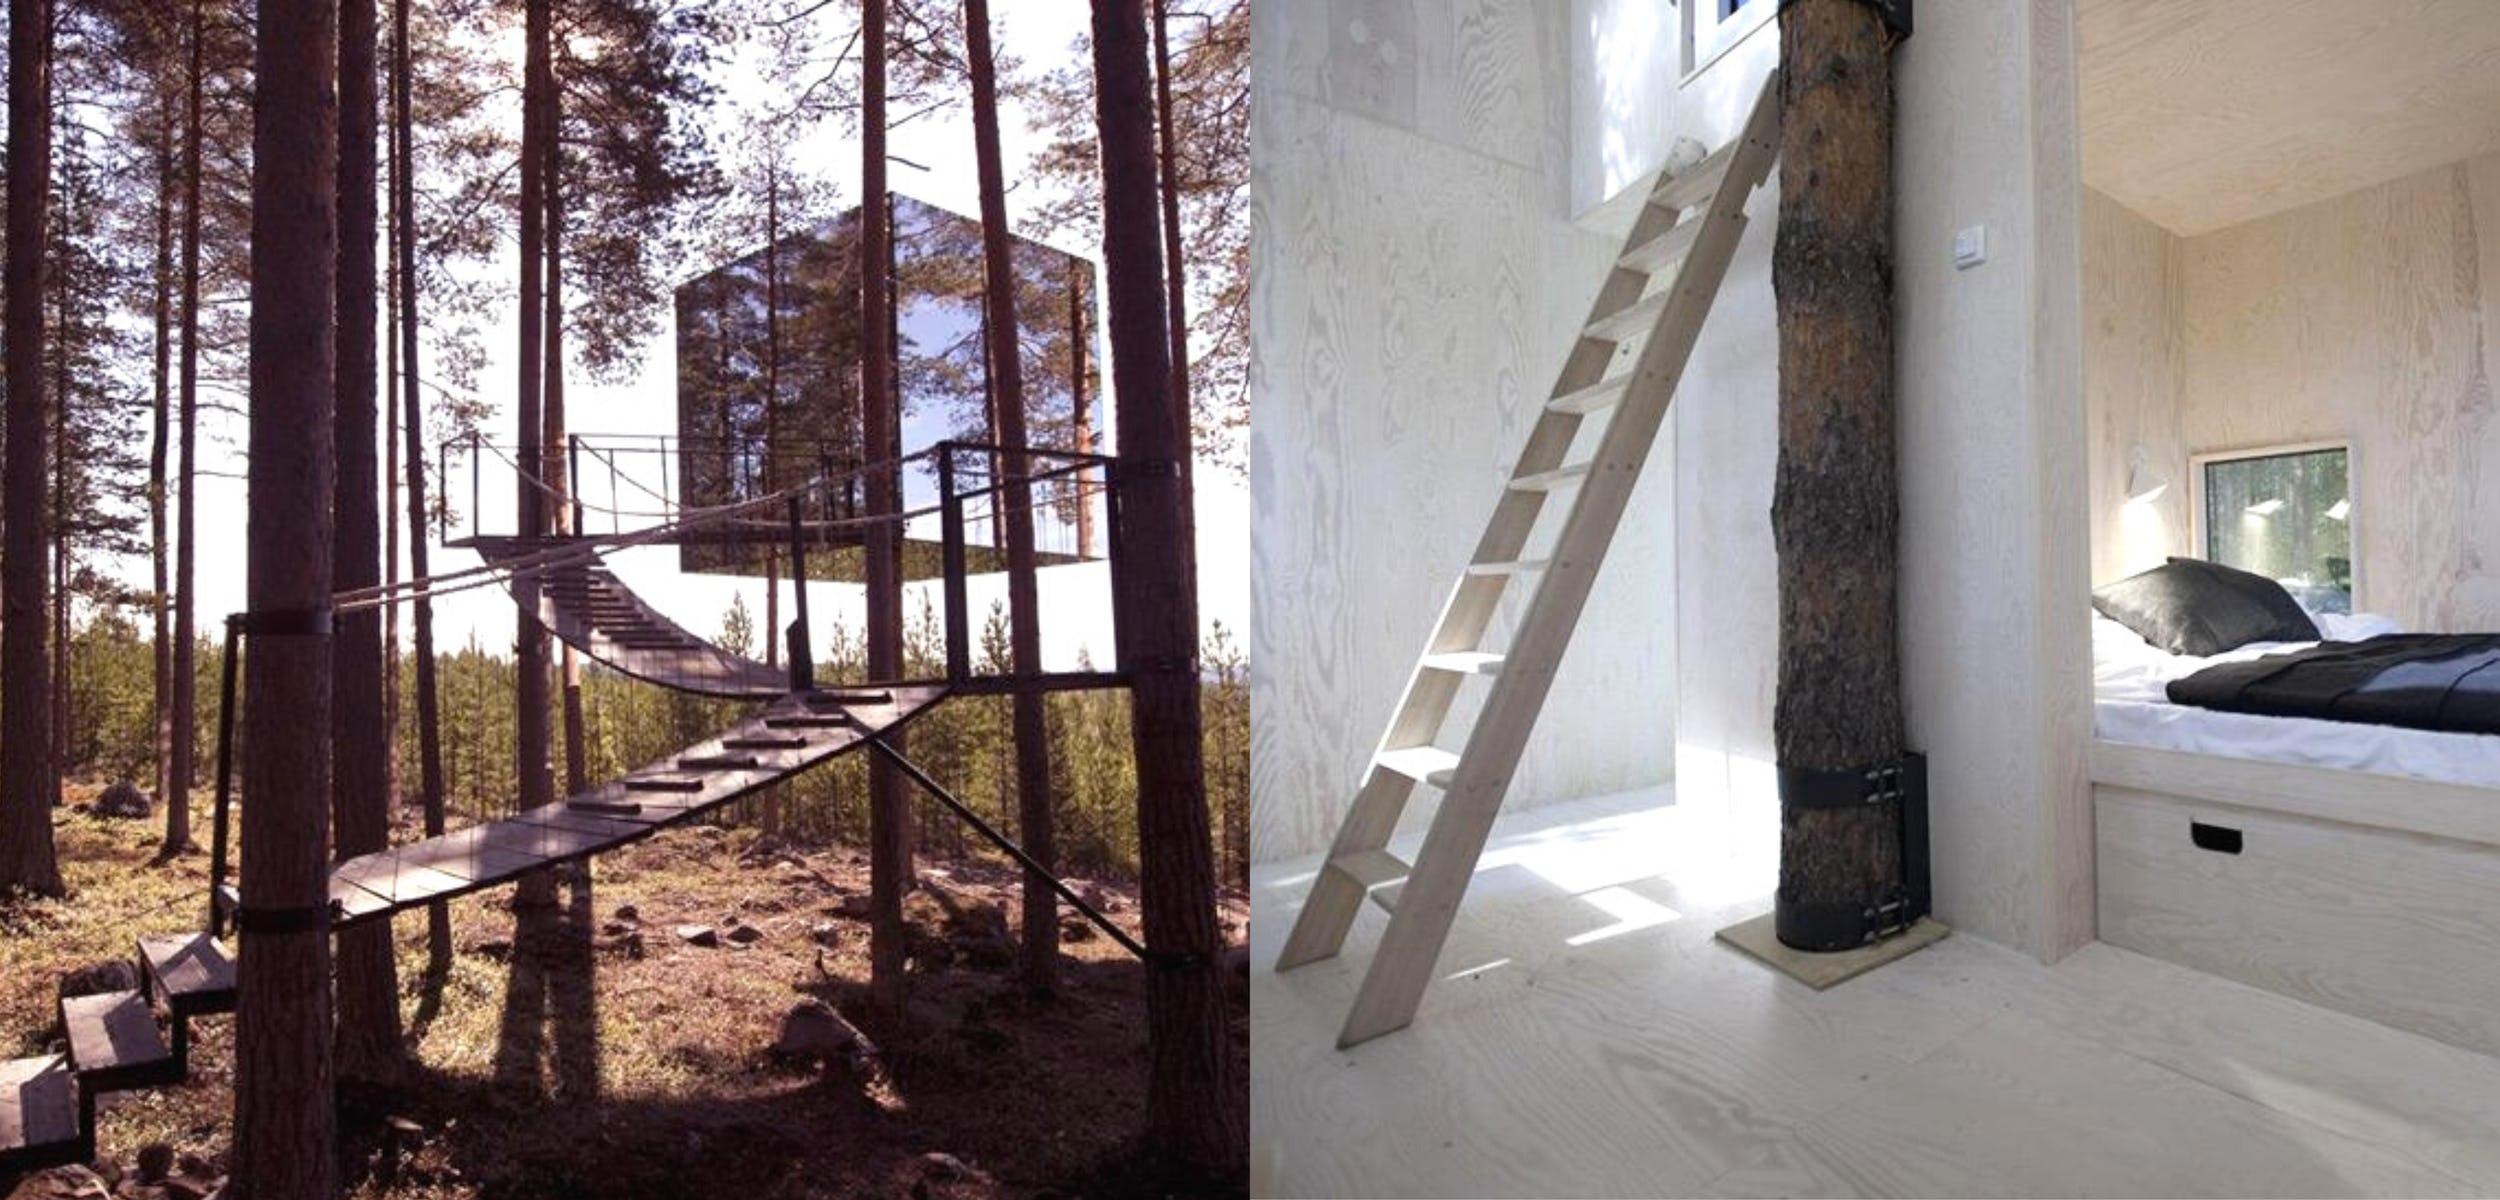 Mirrorcube, Harads, Sweden